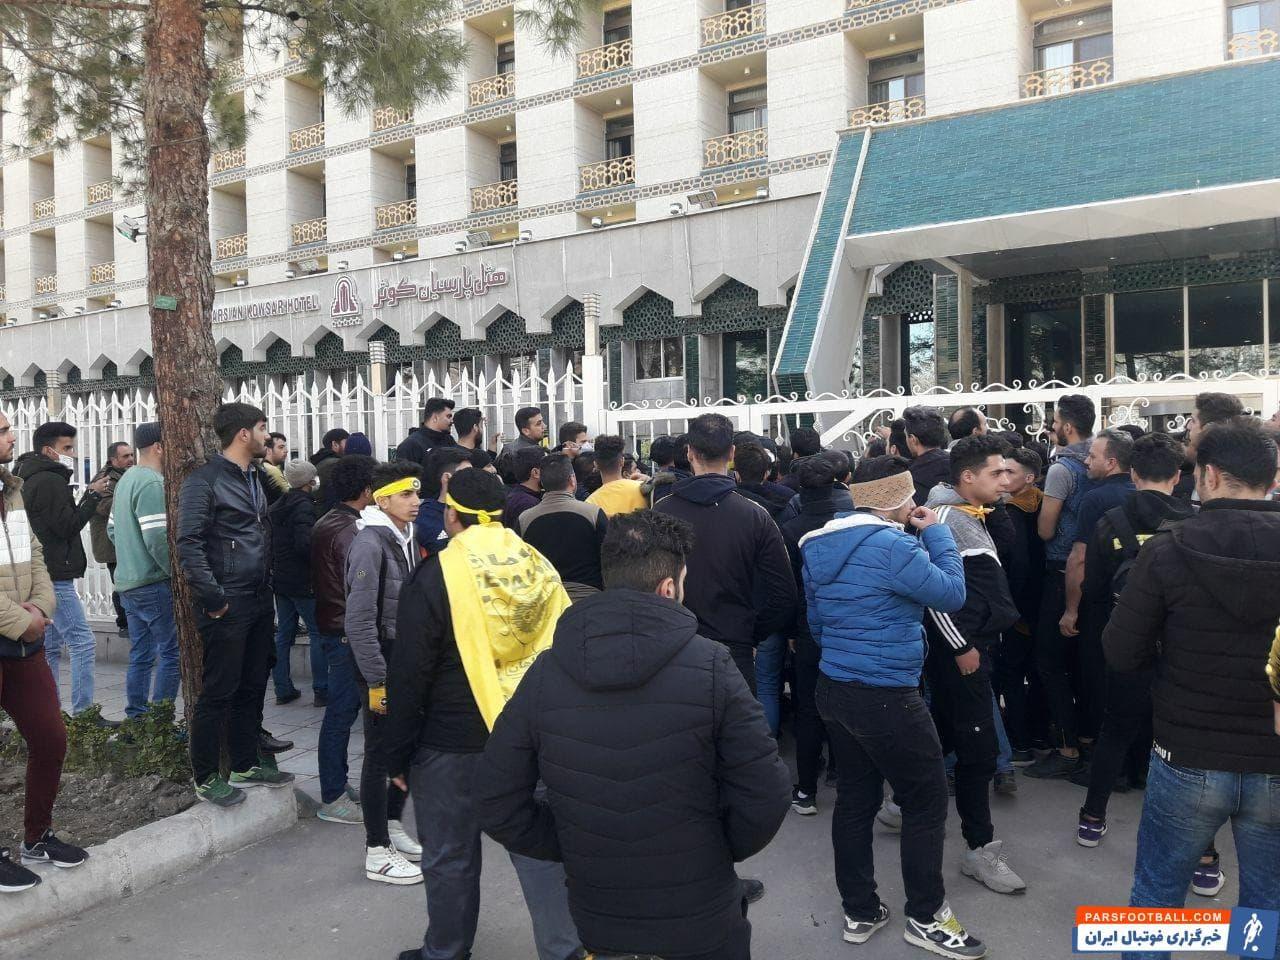 تجمع هواداران  عصبانی سپاهان قبل از بازی با پرسپولیس